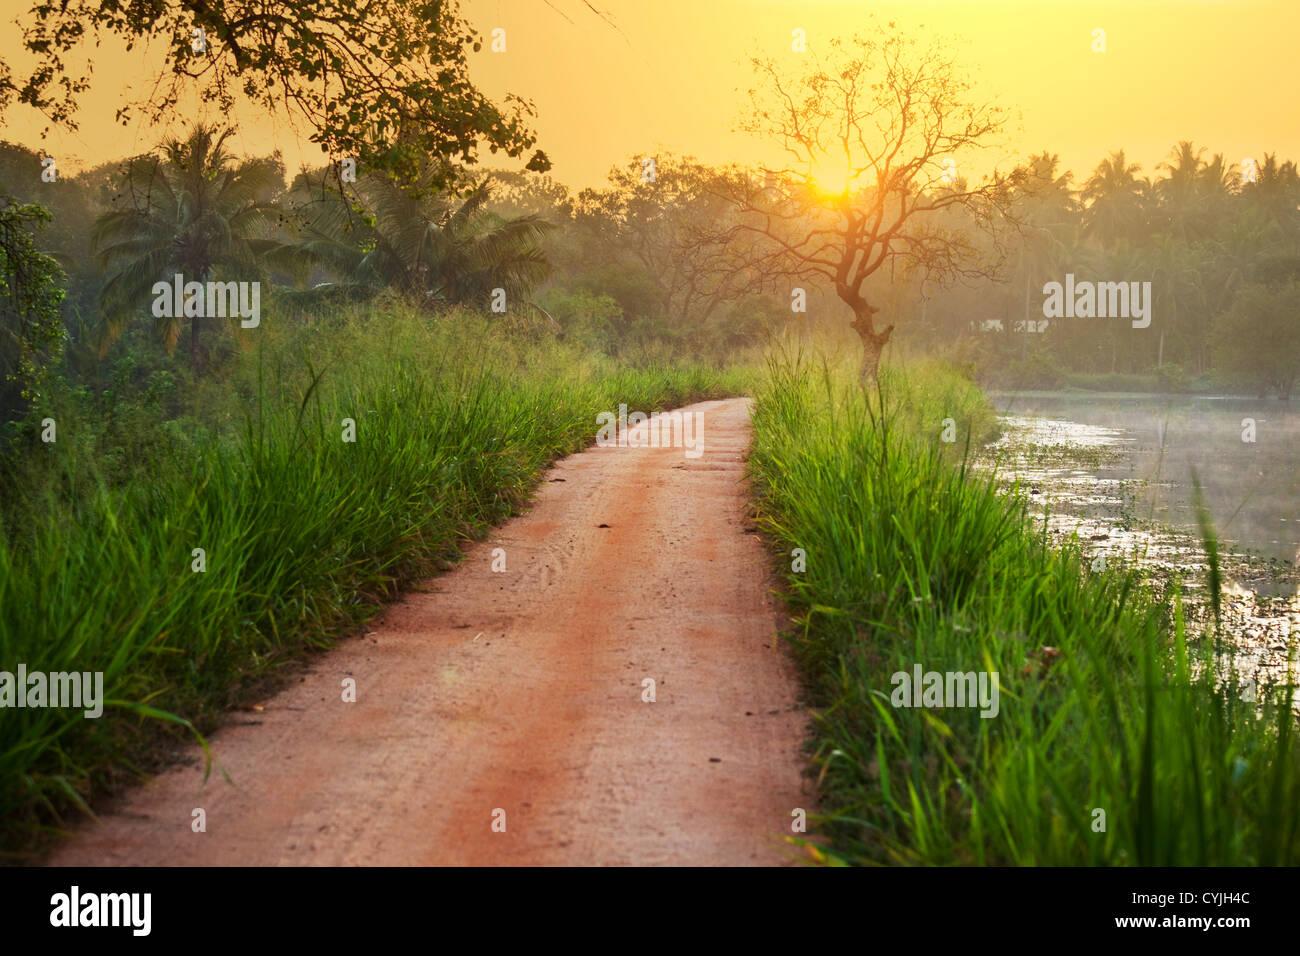 tropischem Fluss Stockbild